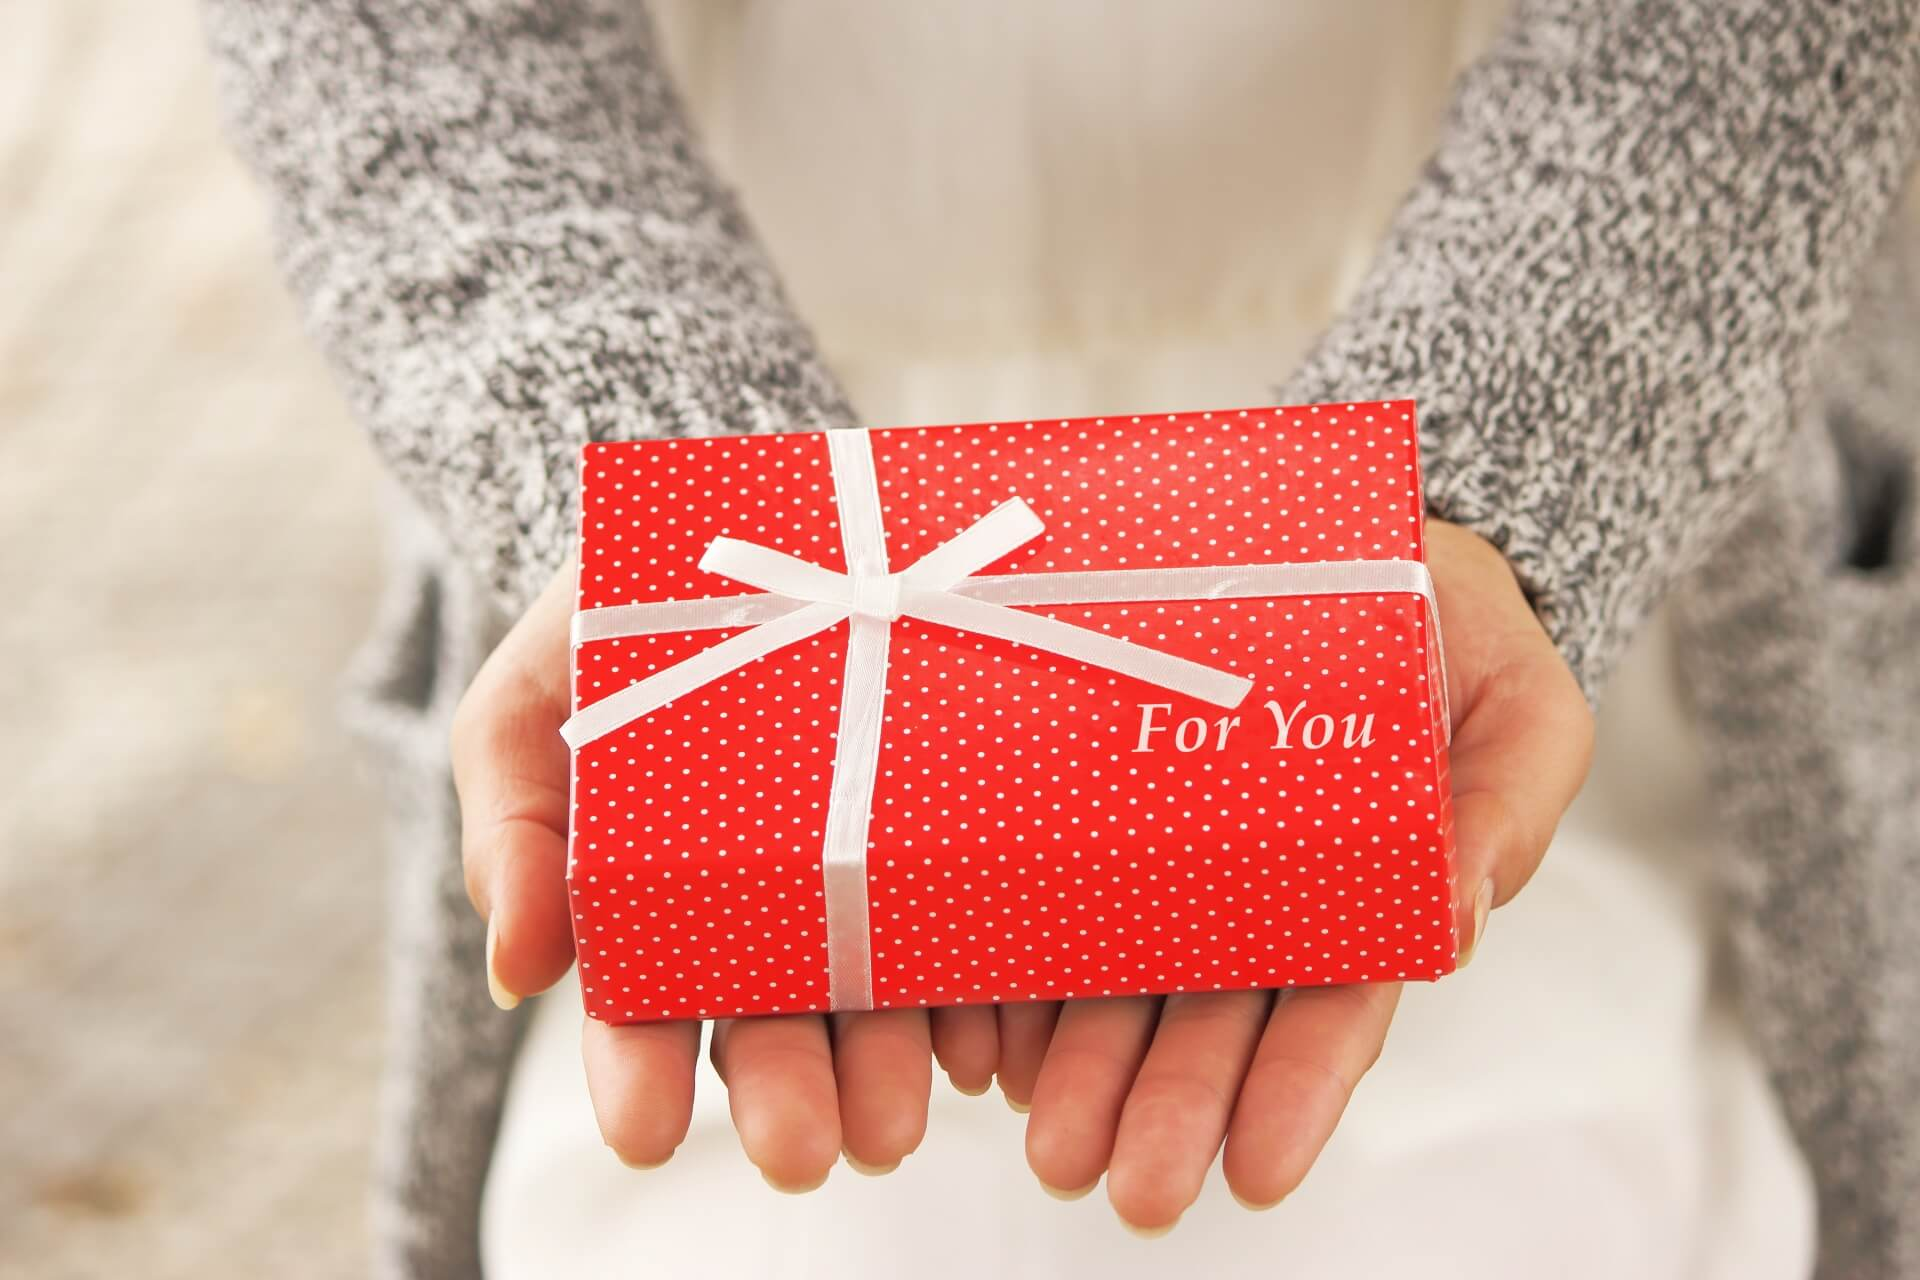 女子会ならではのクリスマスプレゼント交換!何がいい?